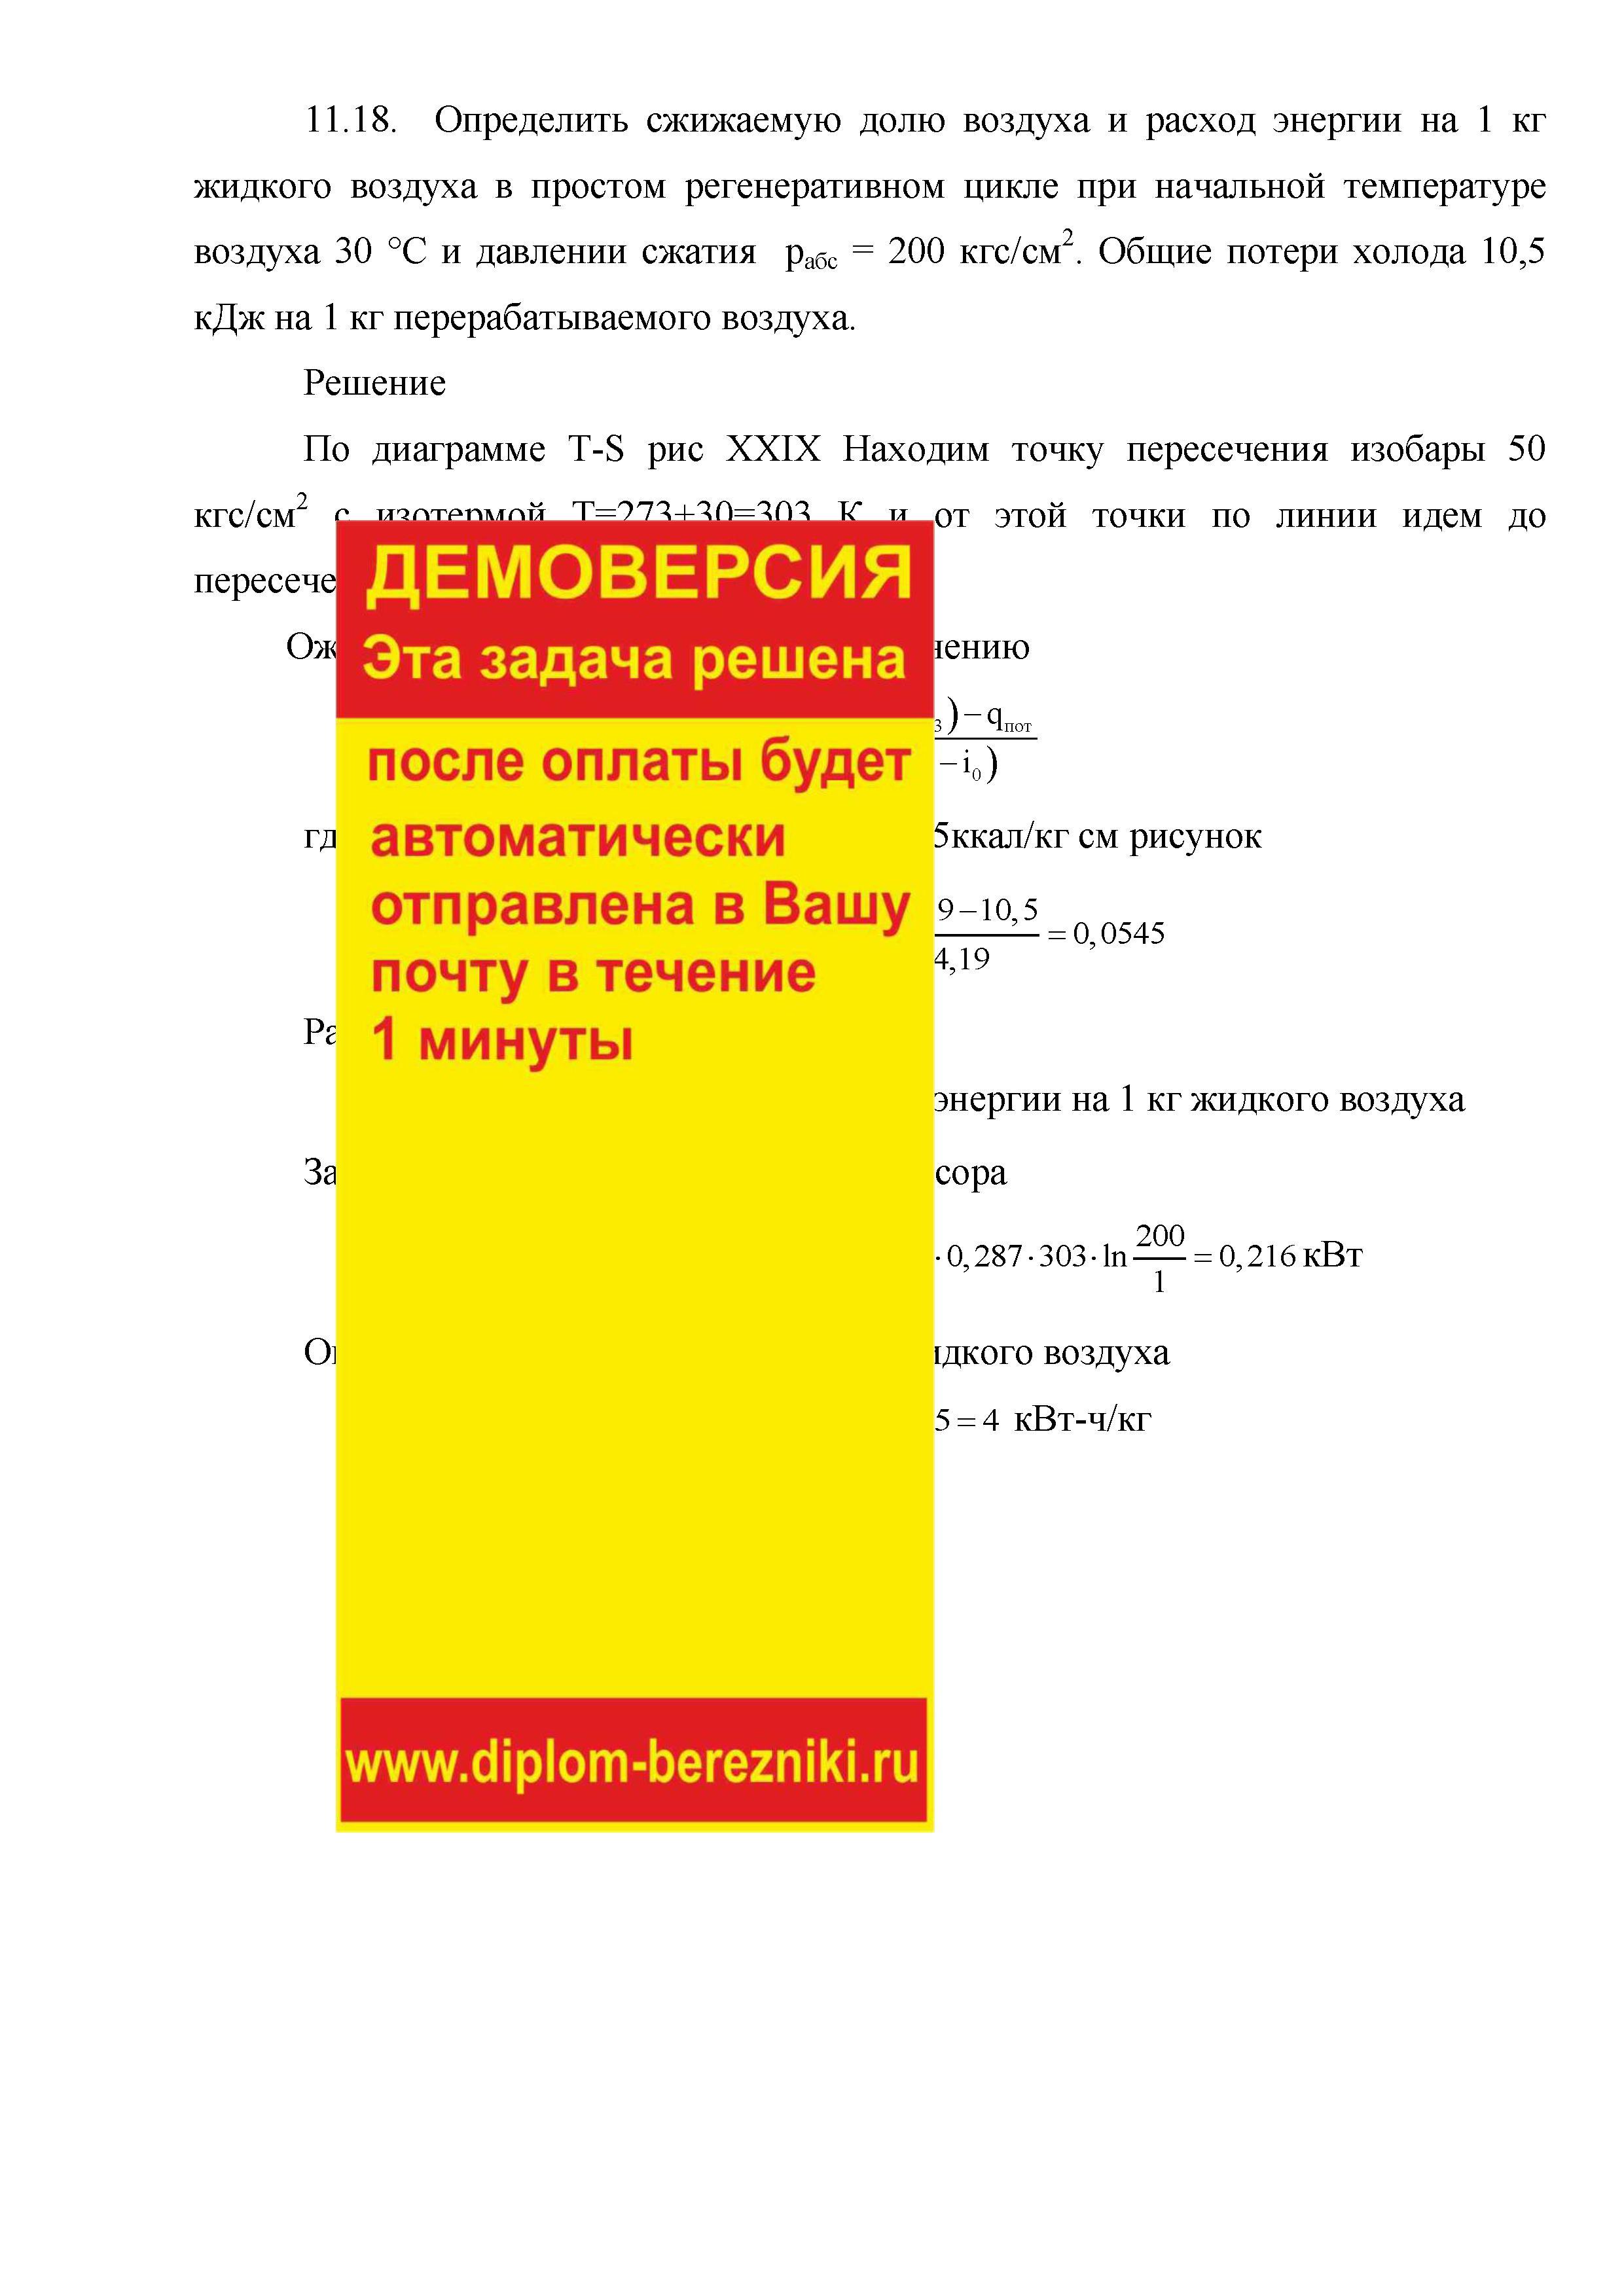 Решение задачи 11.18  по ПАХТ из задачника Павлова Романкова Носкова